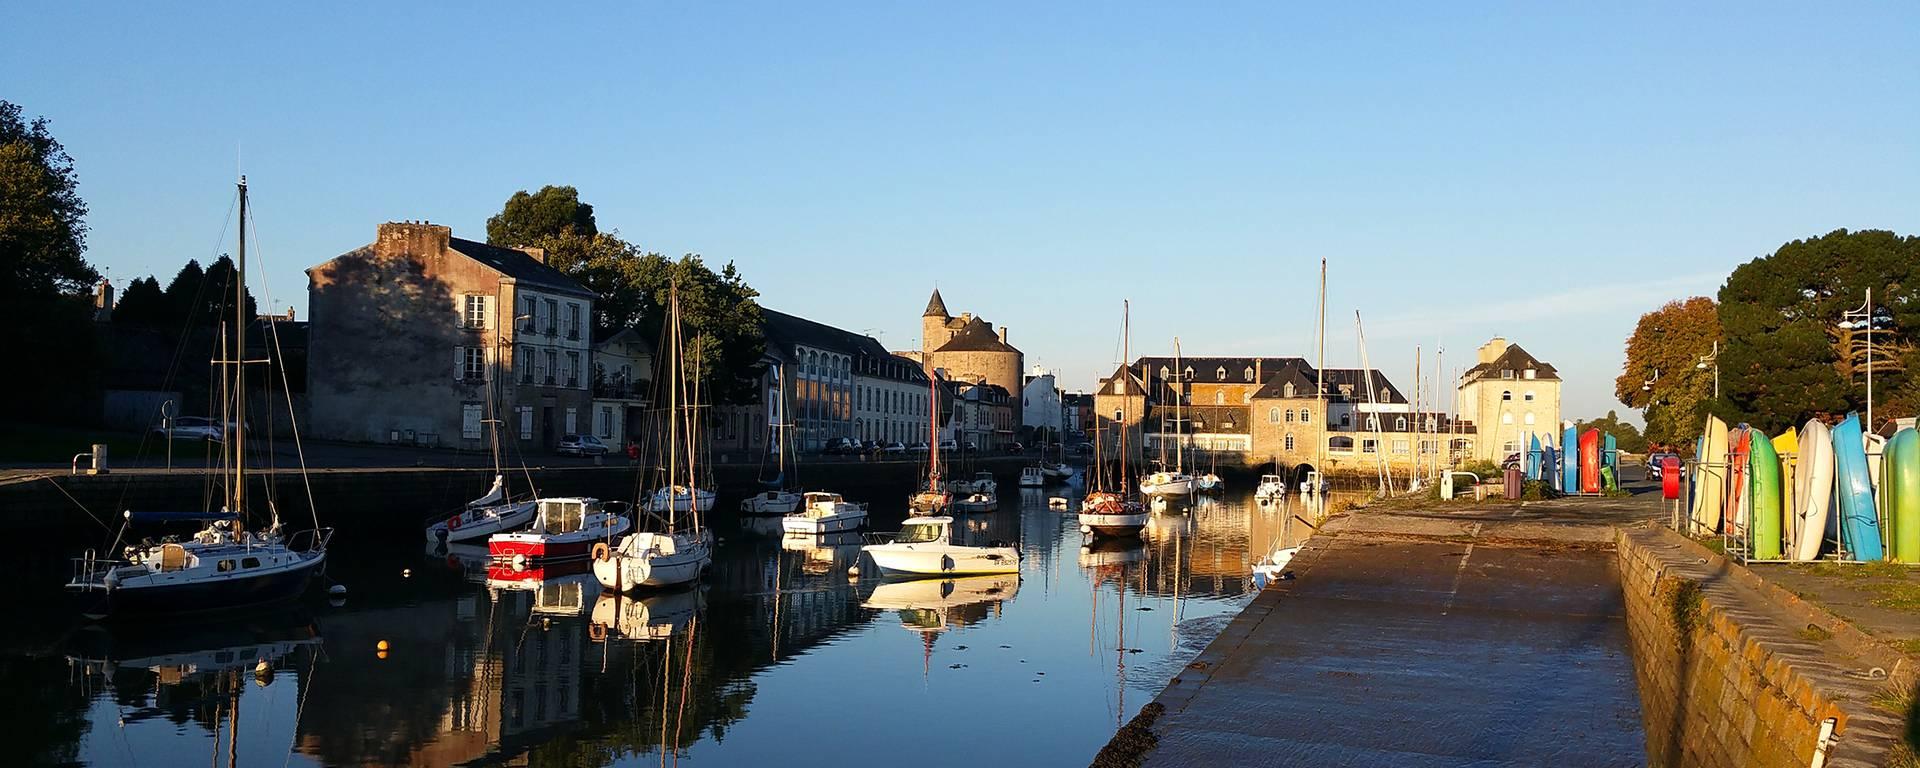 Pont-l'Abbé © E Cleret